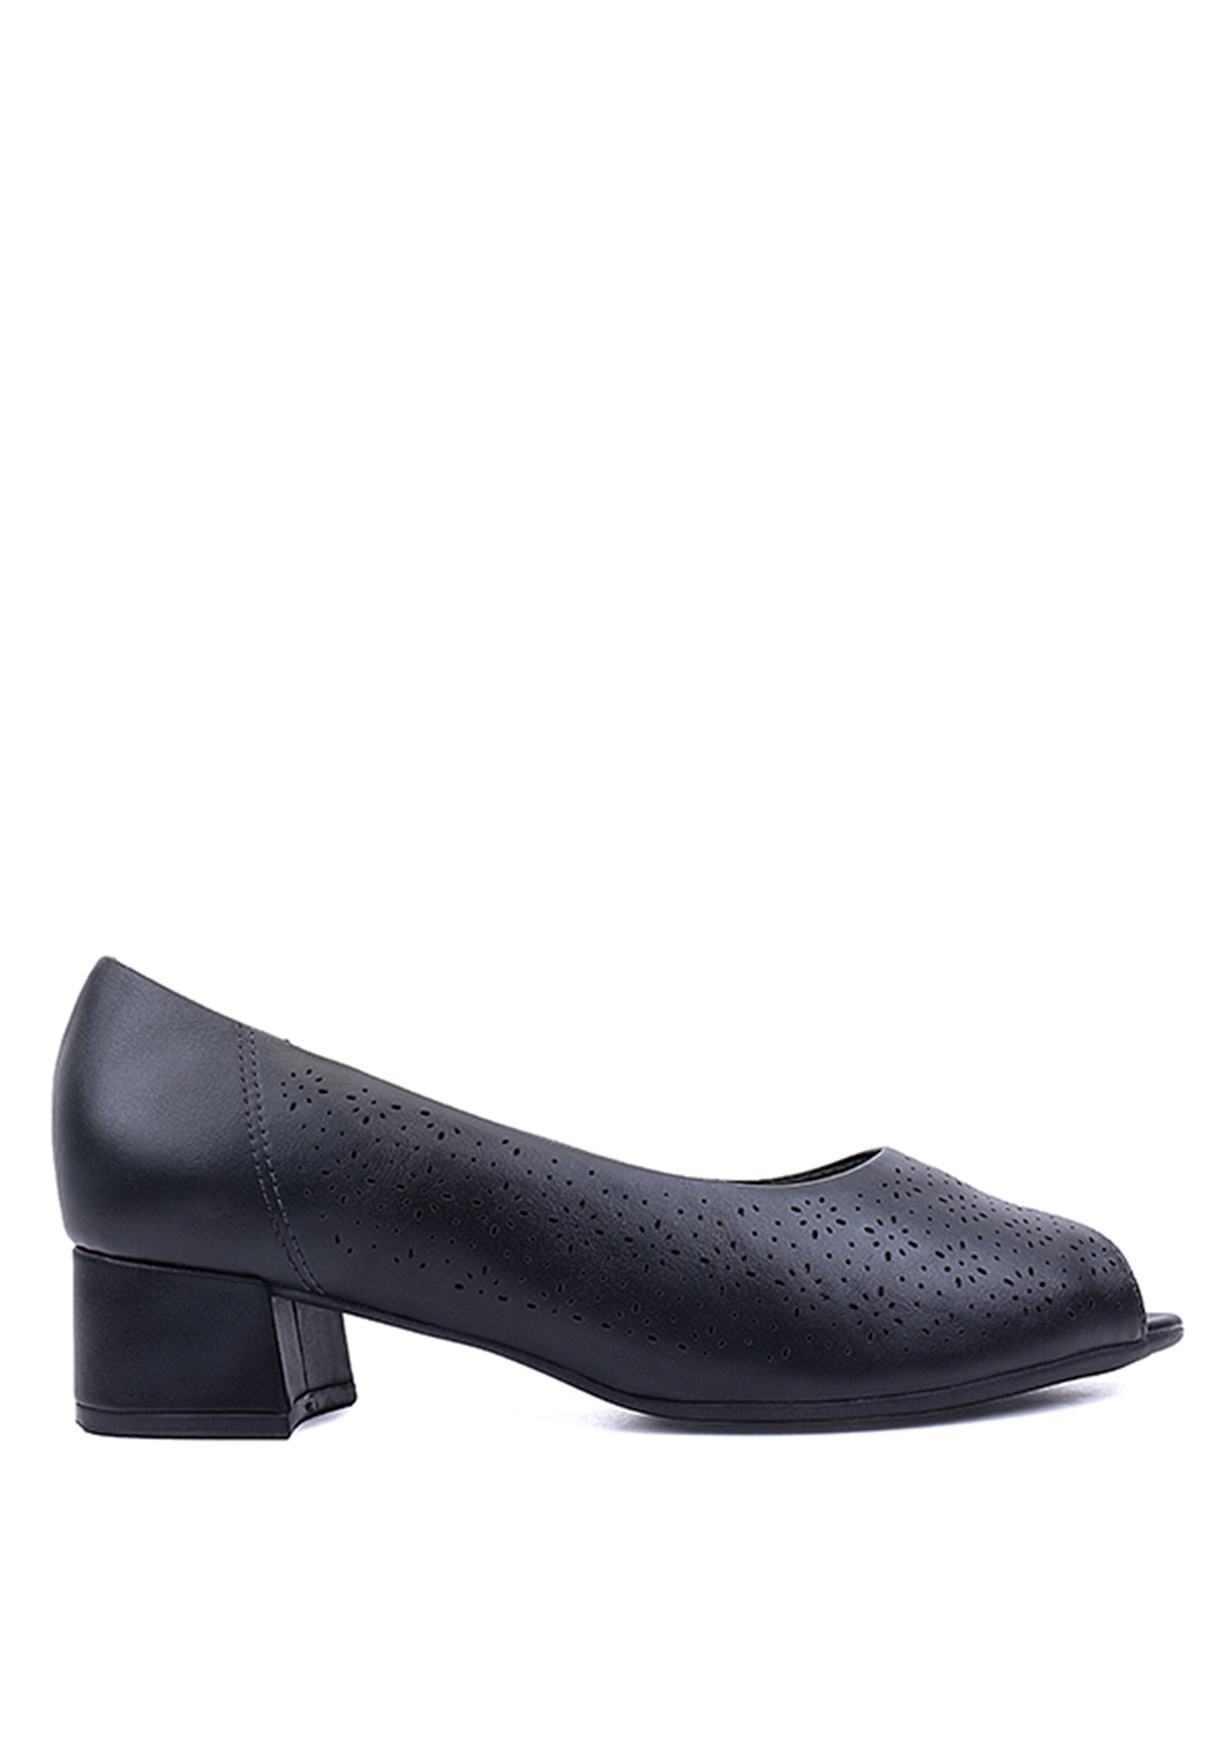 Women's Heel Shoes